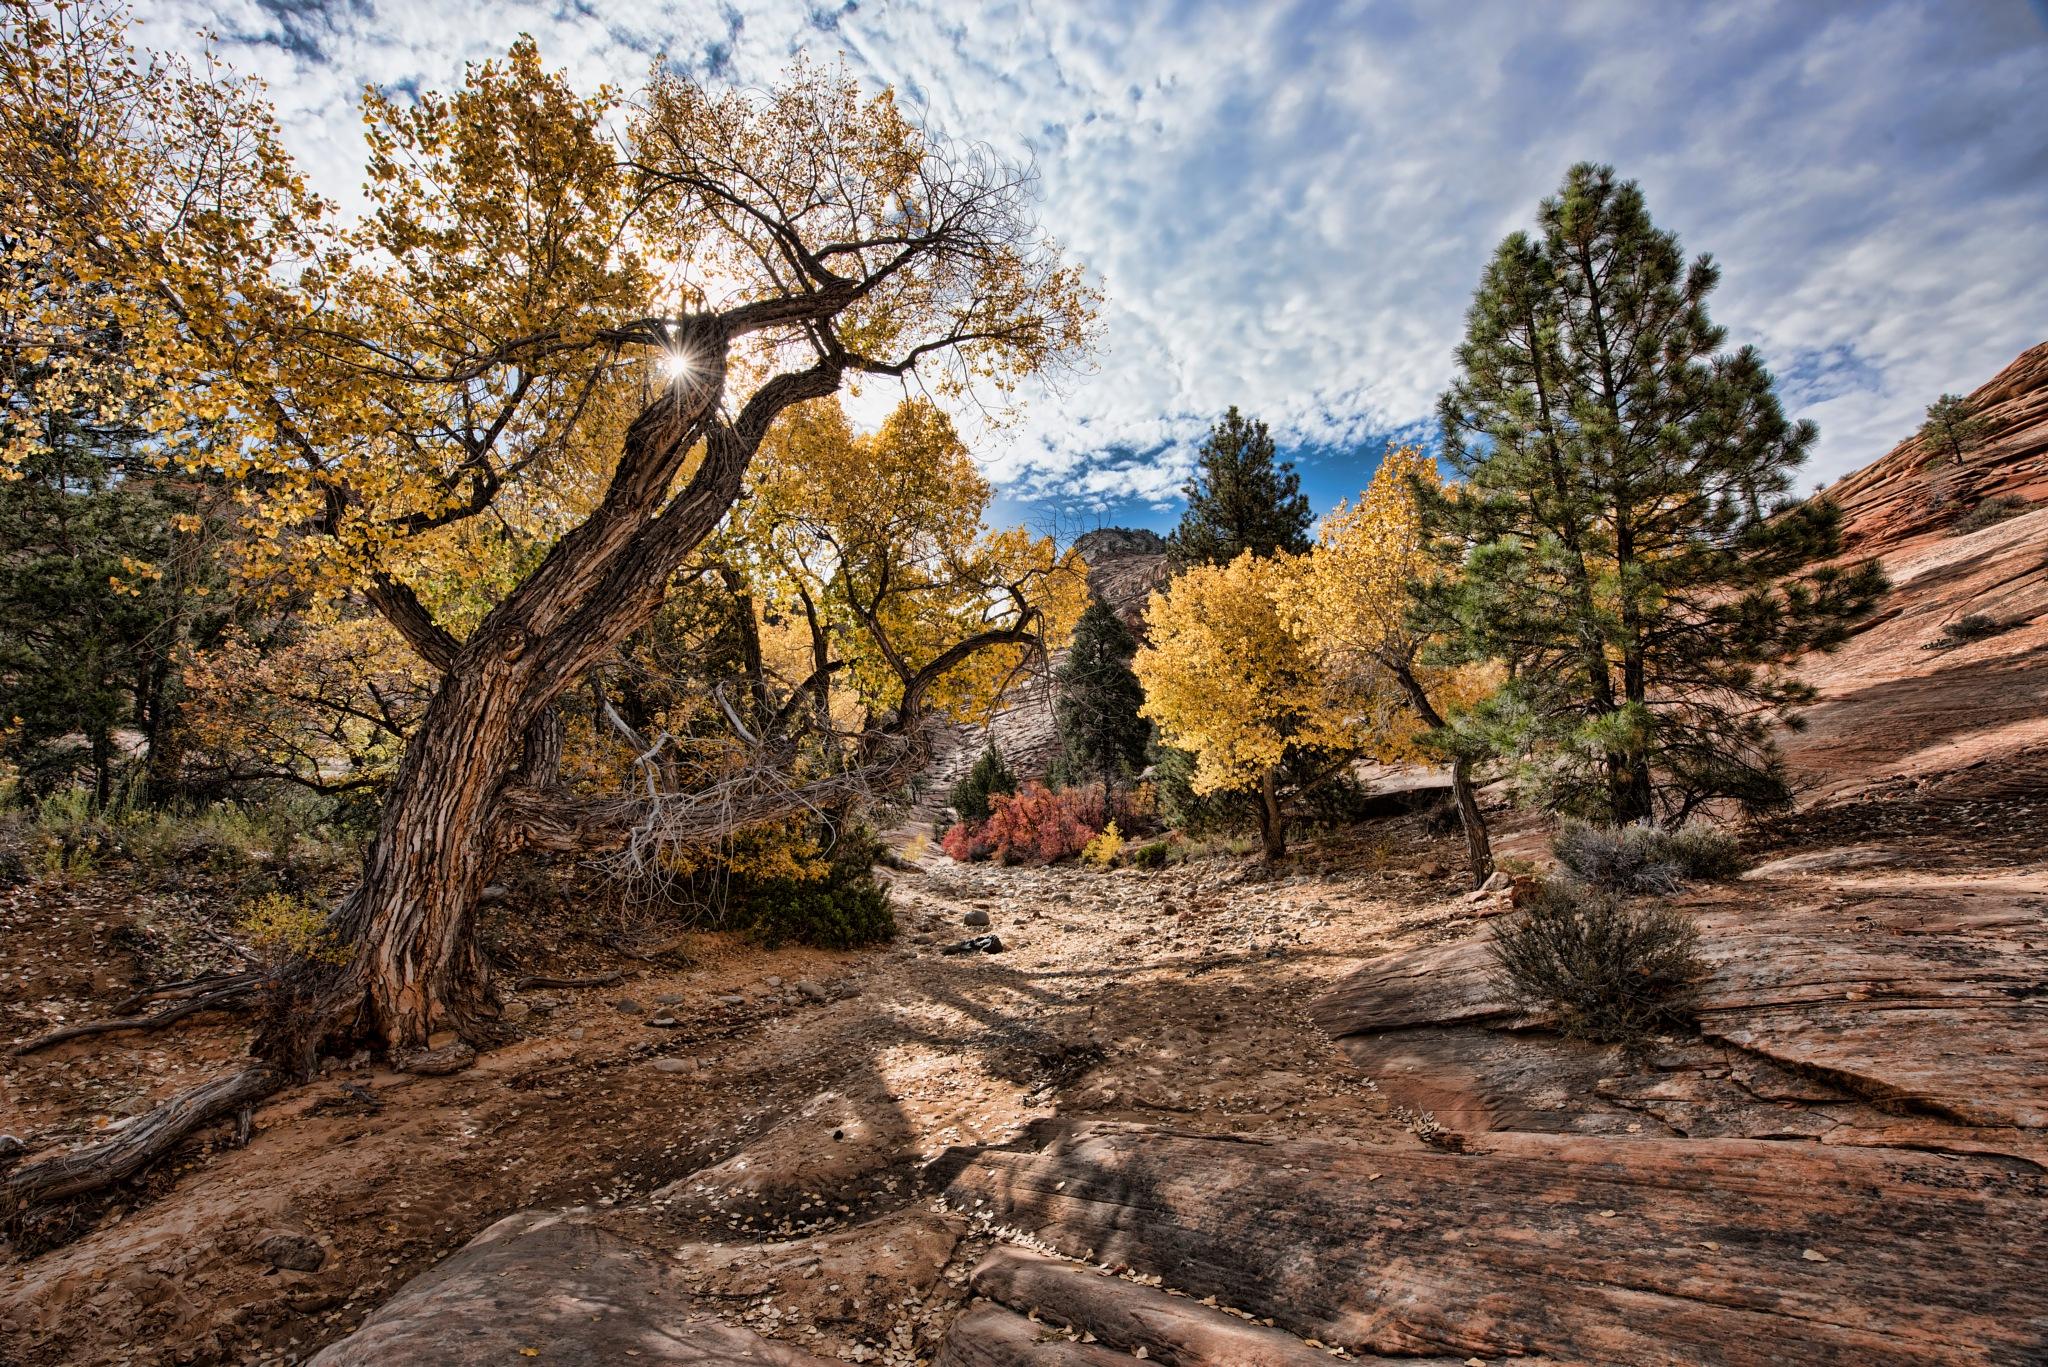 Checkered Mesa by ribyt